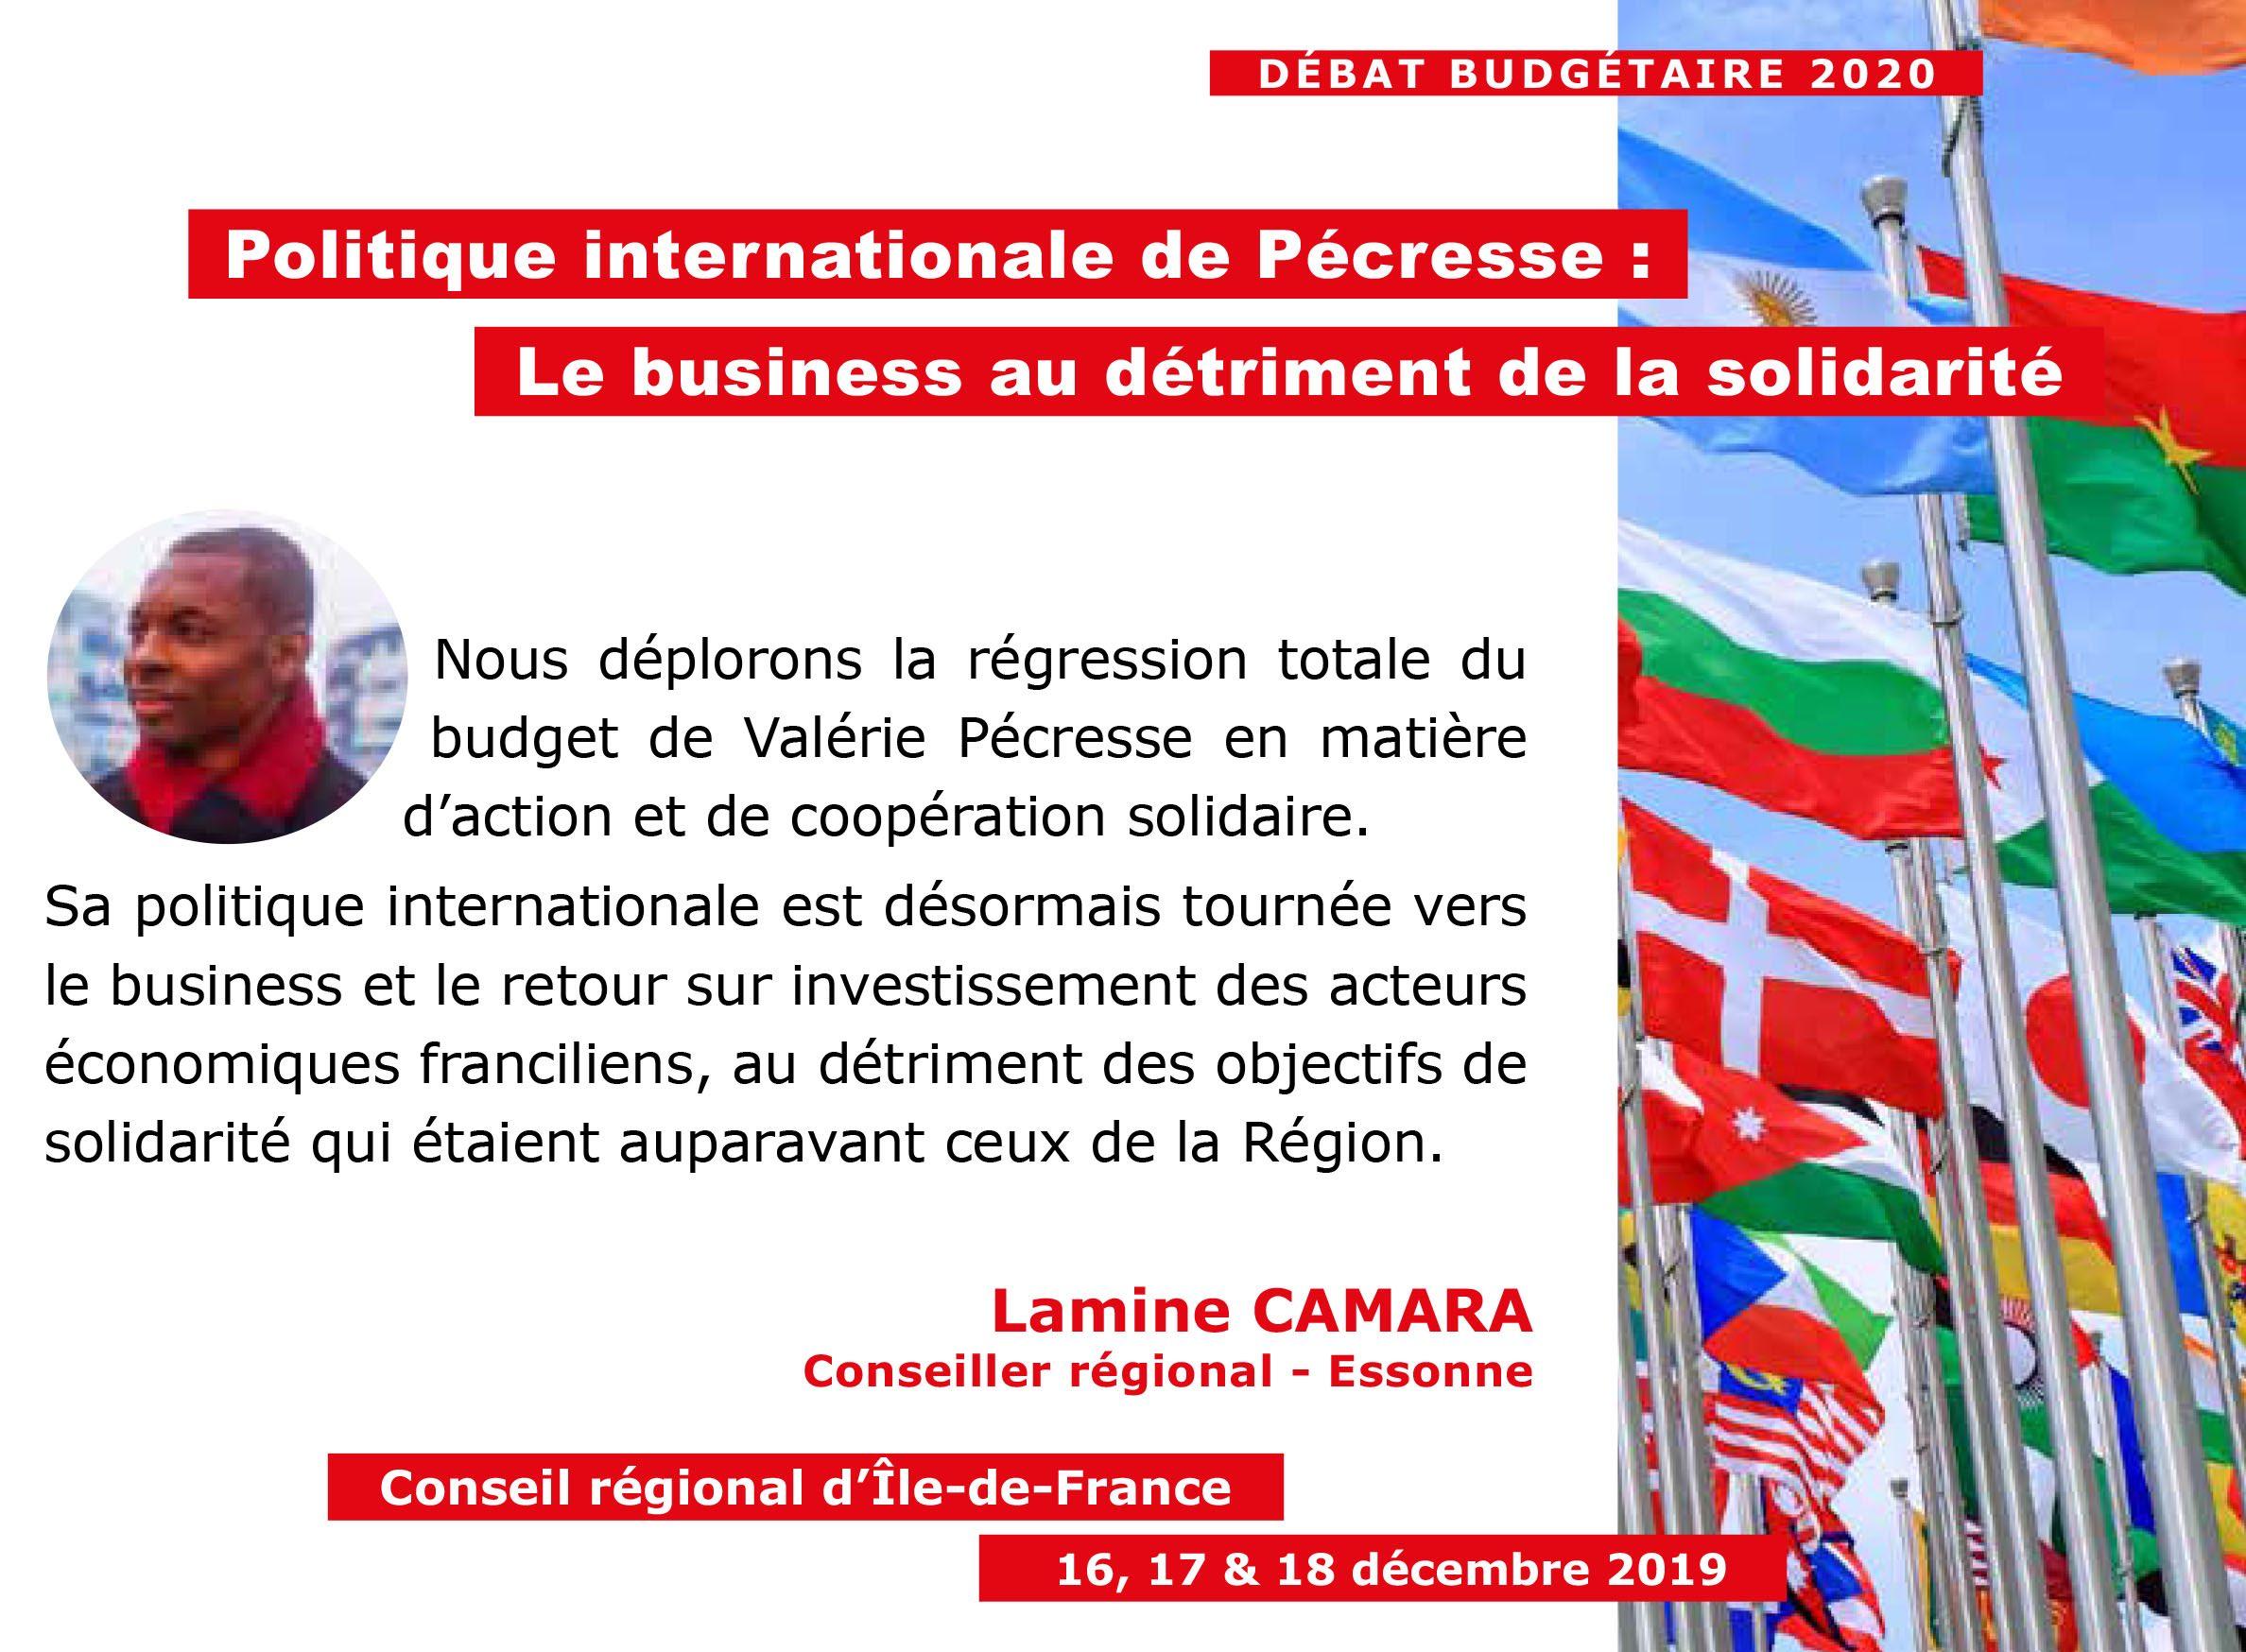 Lamine coop inter 2